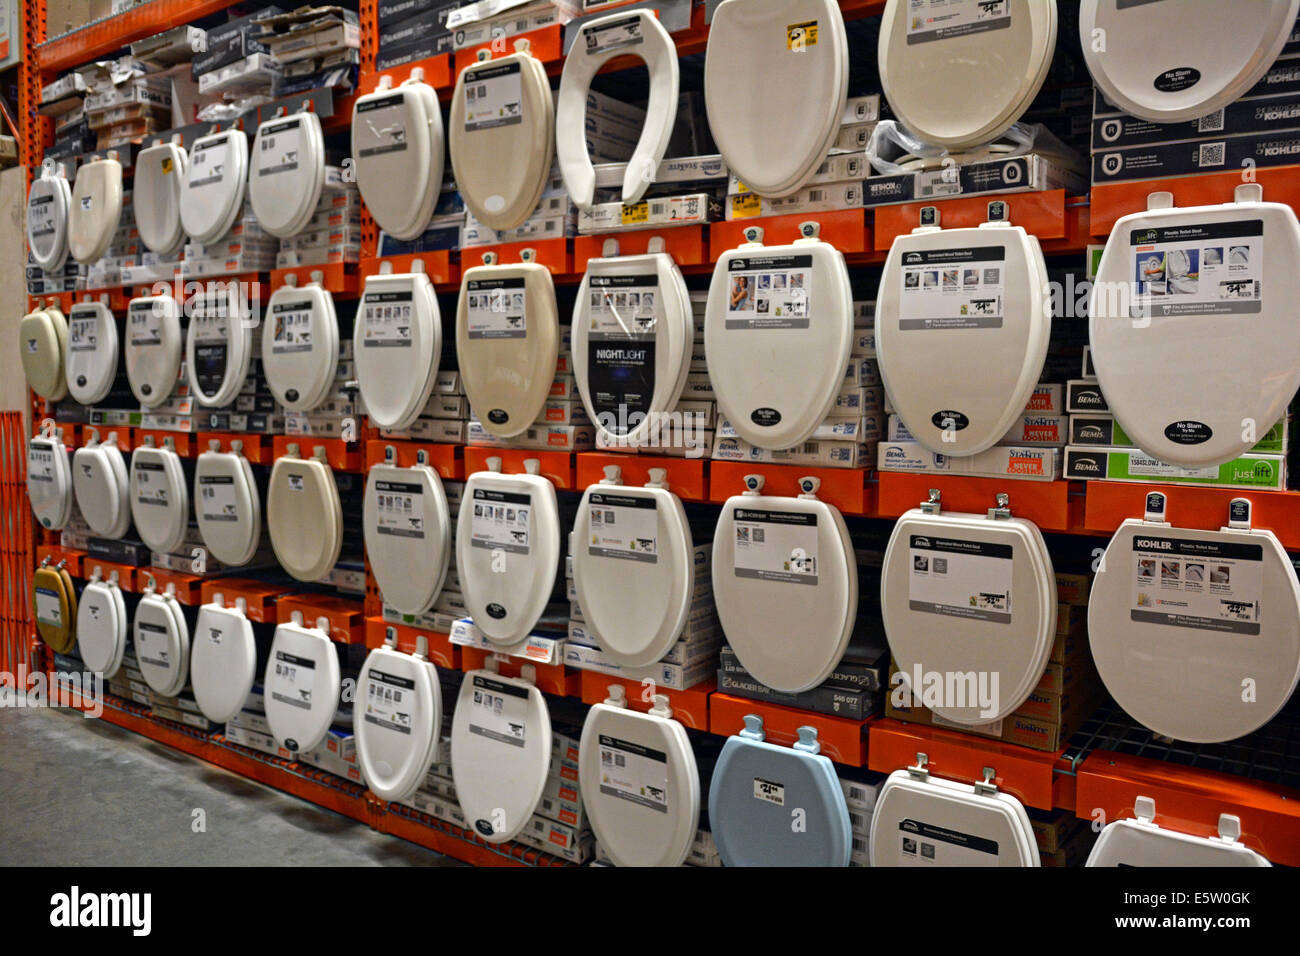 Fantastisch Maschendraht Bildschirm Home Depot Fotos - Elektrische ...